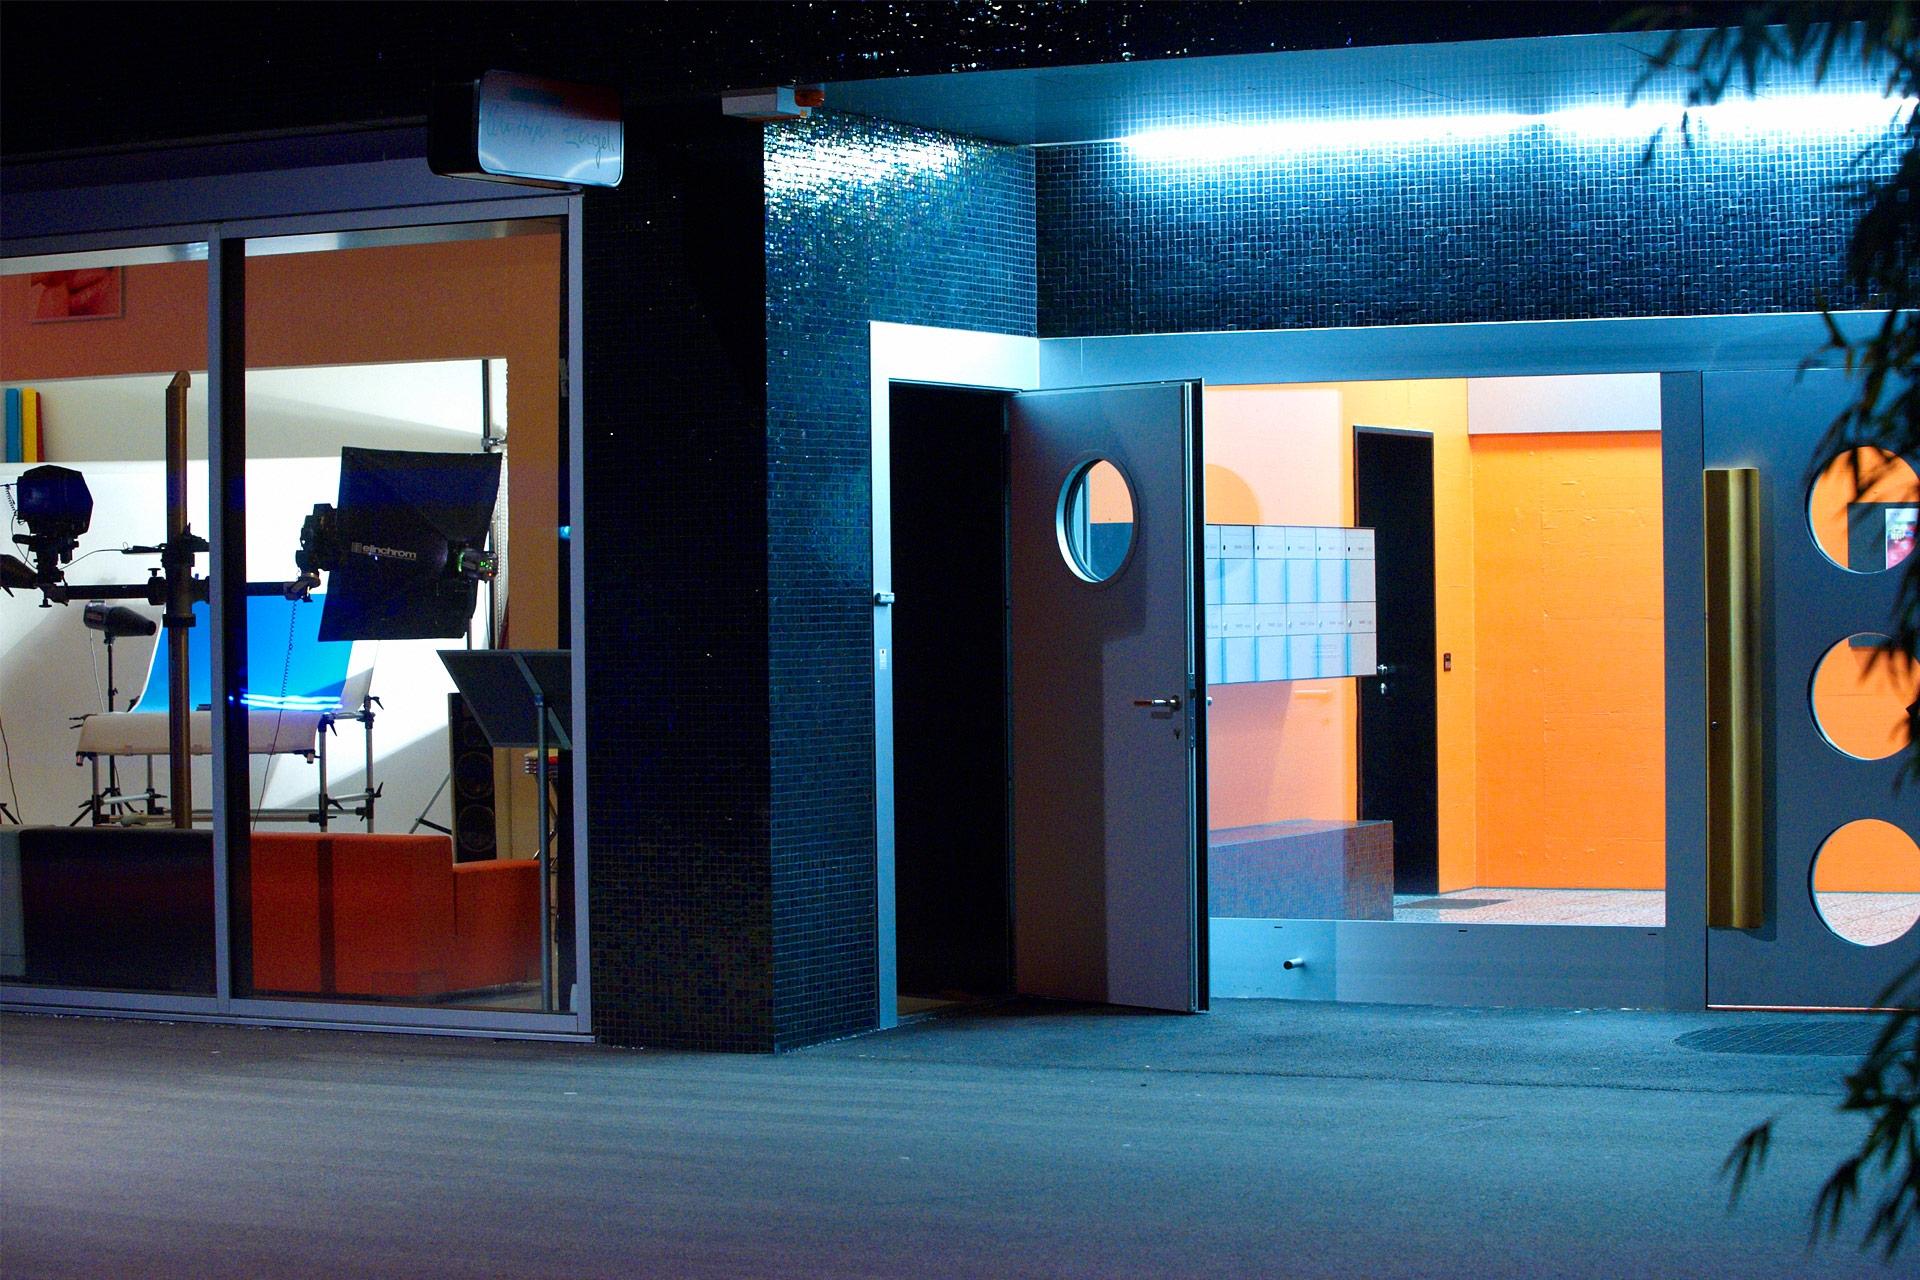 Eingangsbereich des Fotostudios bei Nacht im stylischen James-Areal mitten in der Stadt Zürich